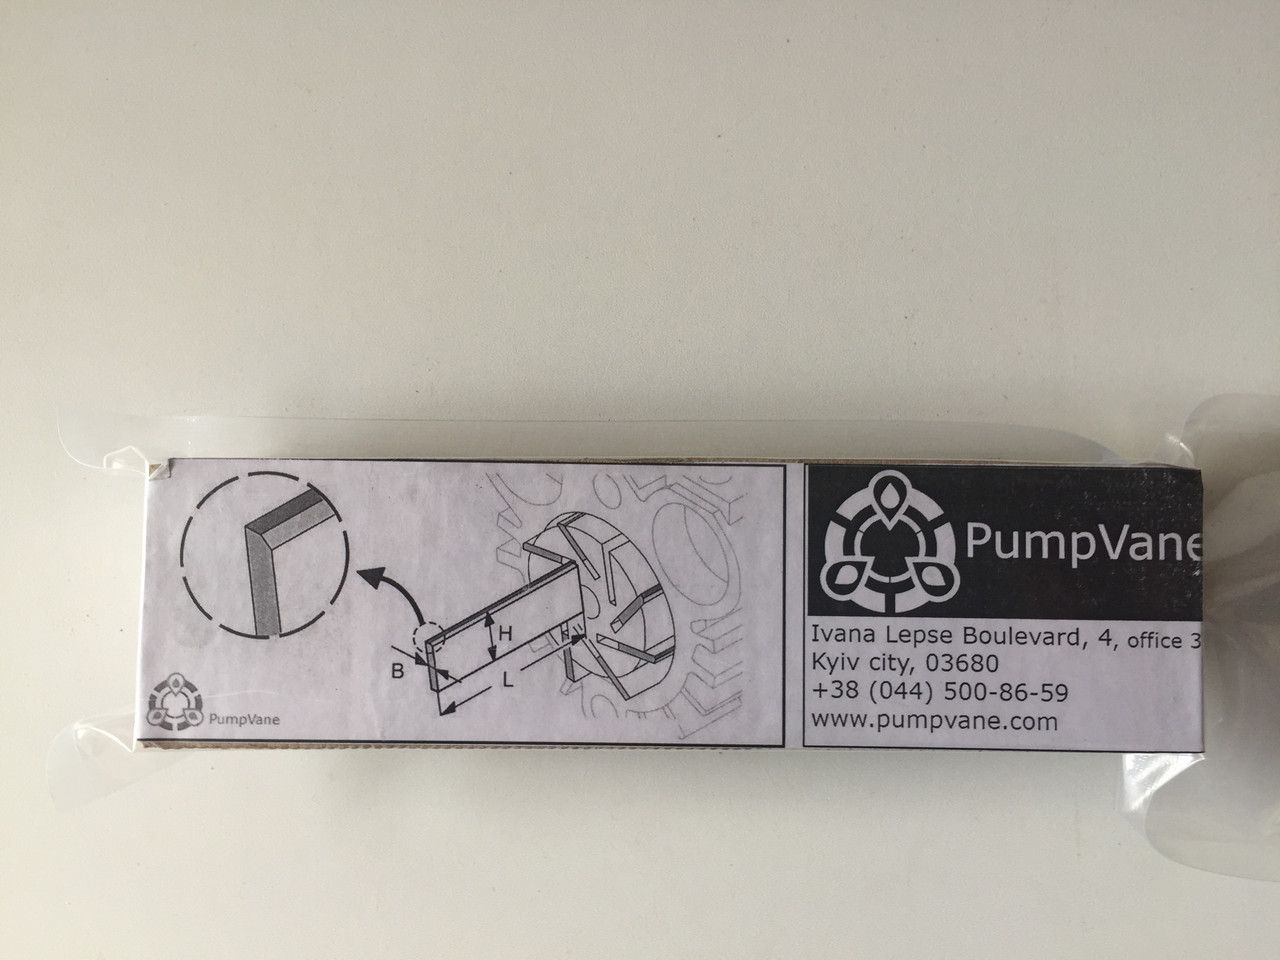 63*35.5*4 мм Лопатка графитовая для вакуумного насоса Беккер T 3.16 DSK 90134700007